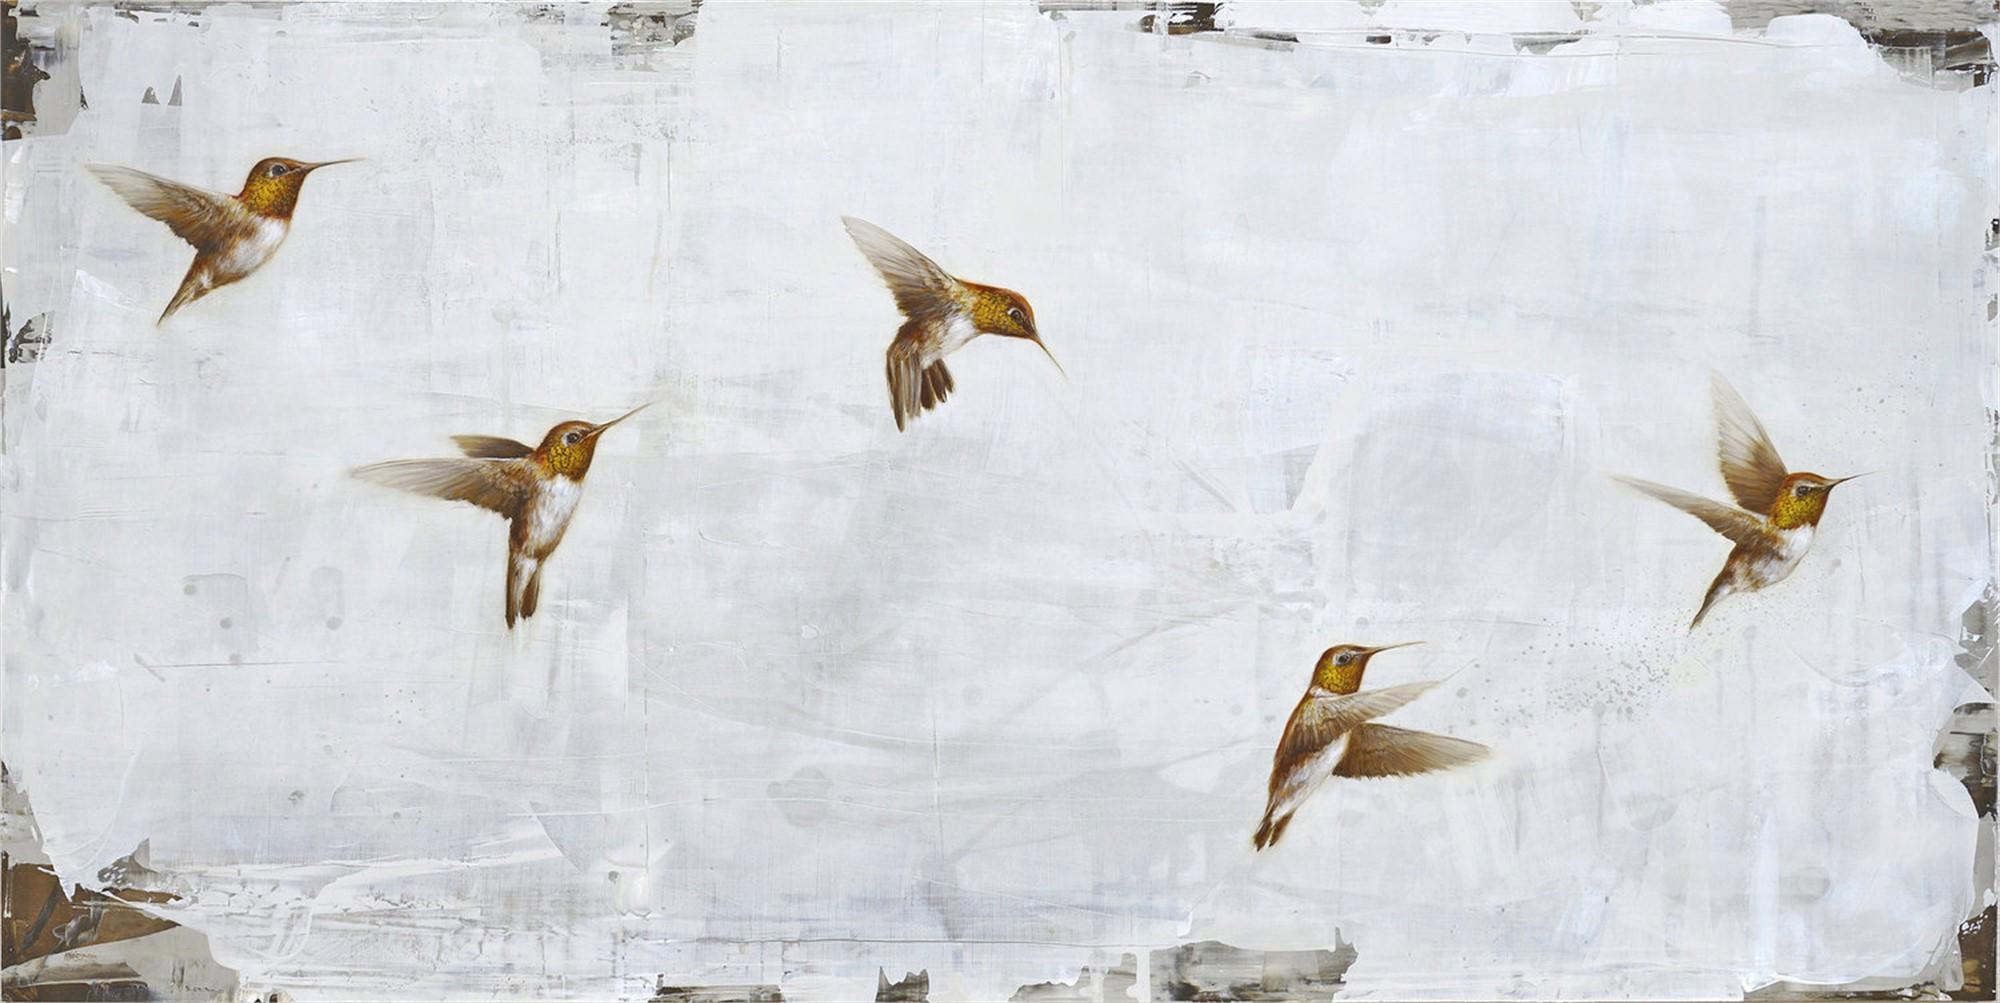 Chasing Stars by Jessica Pisano